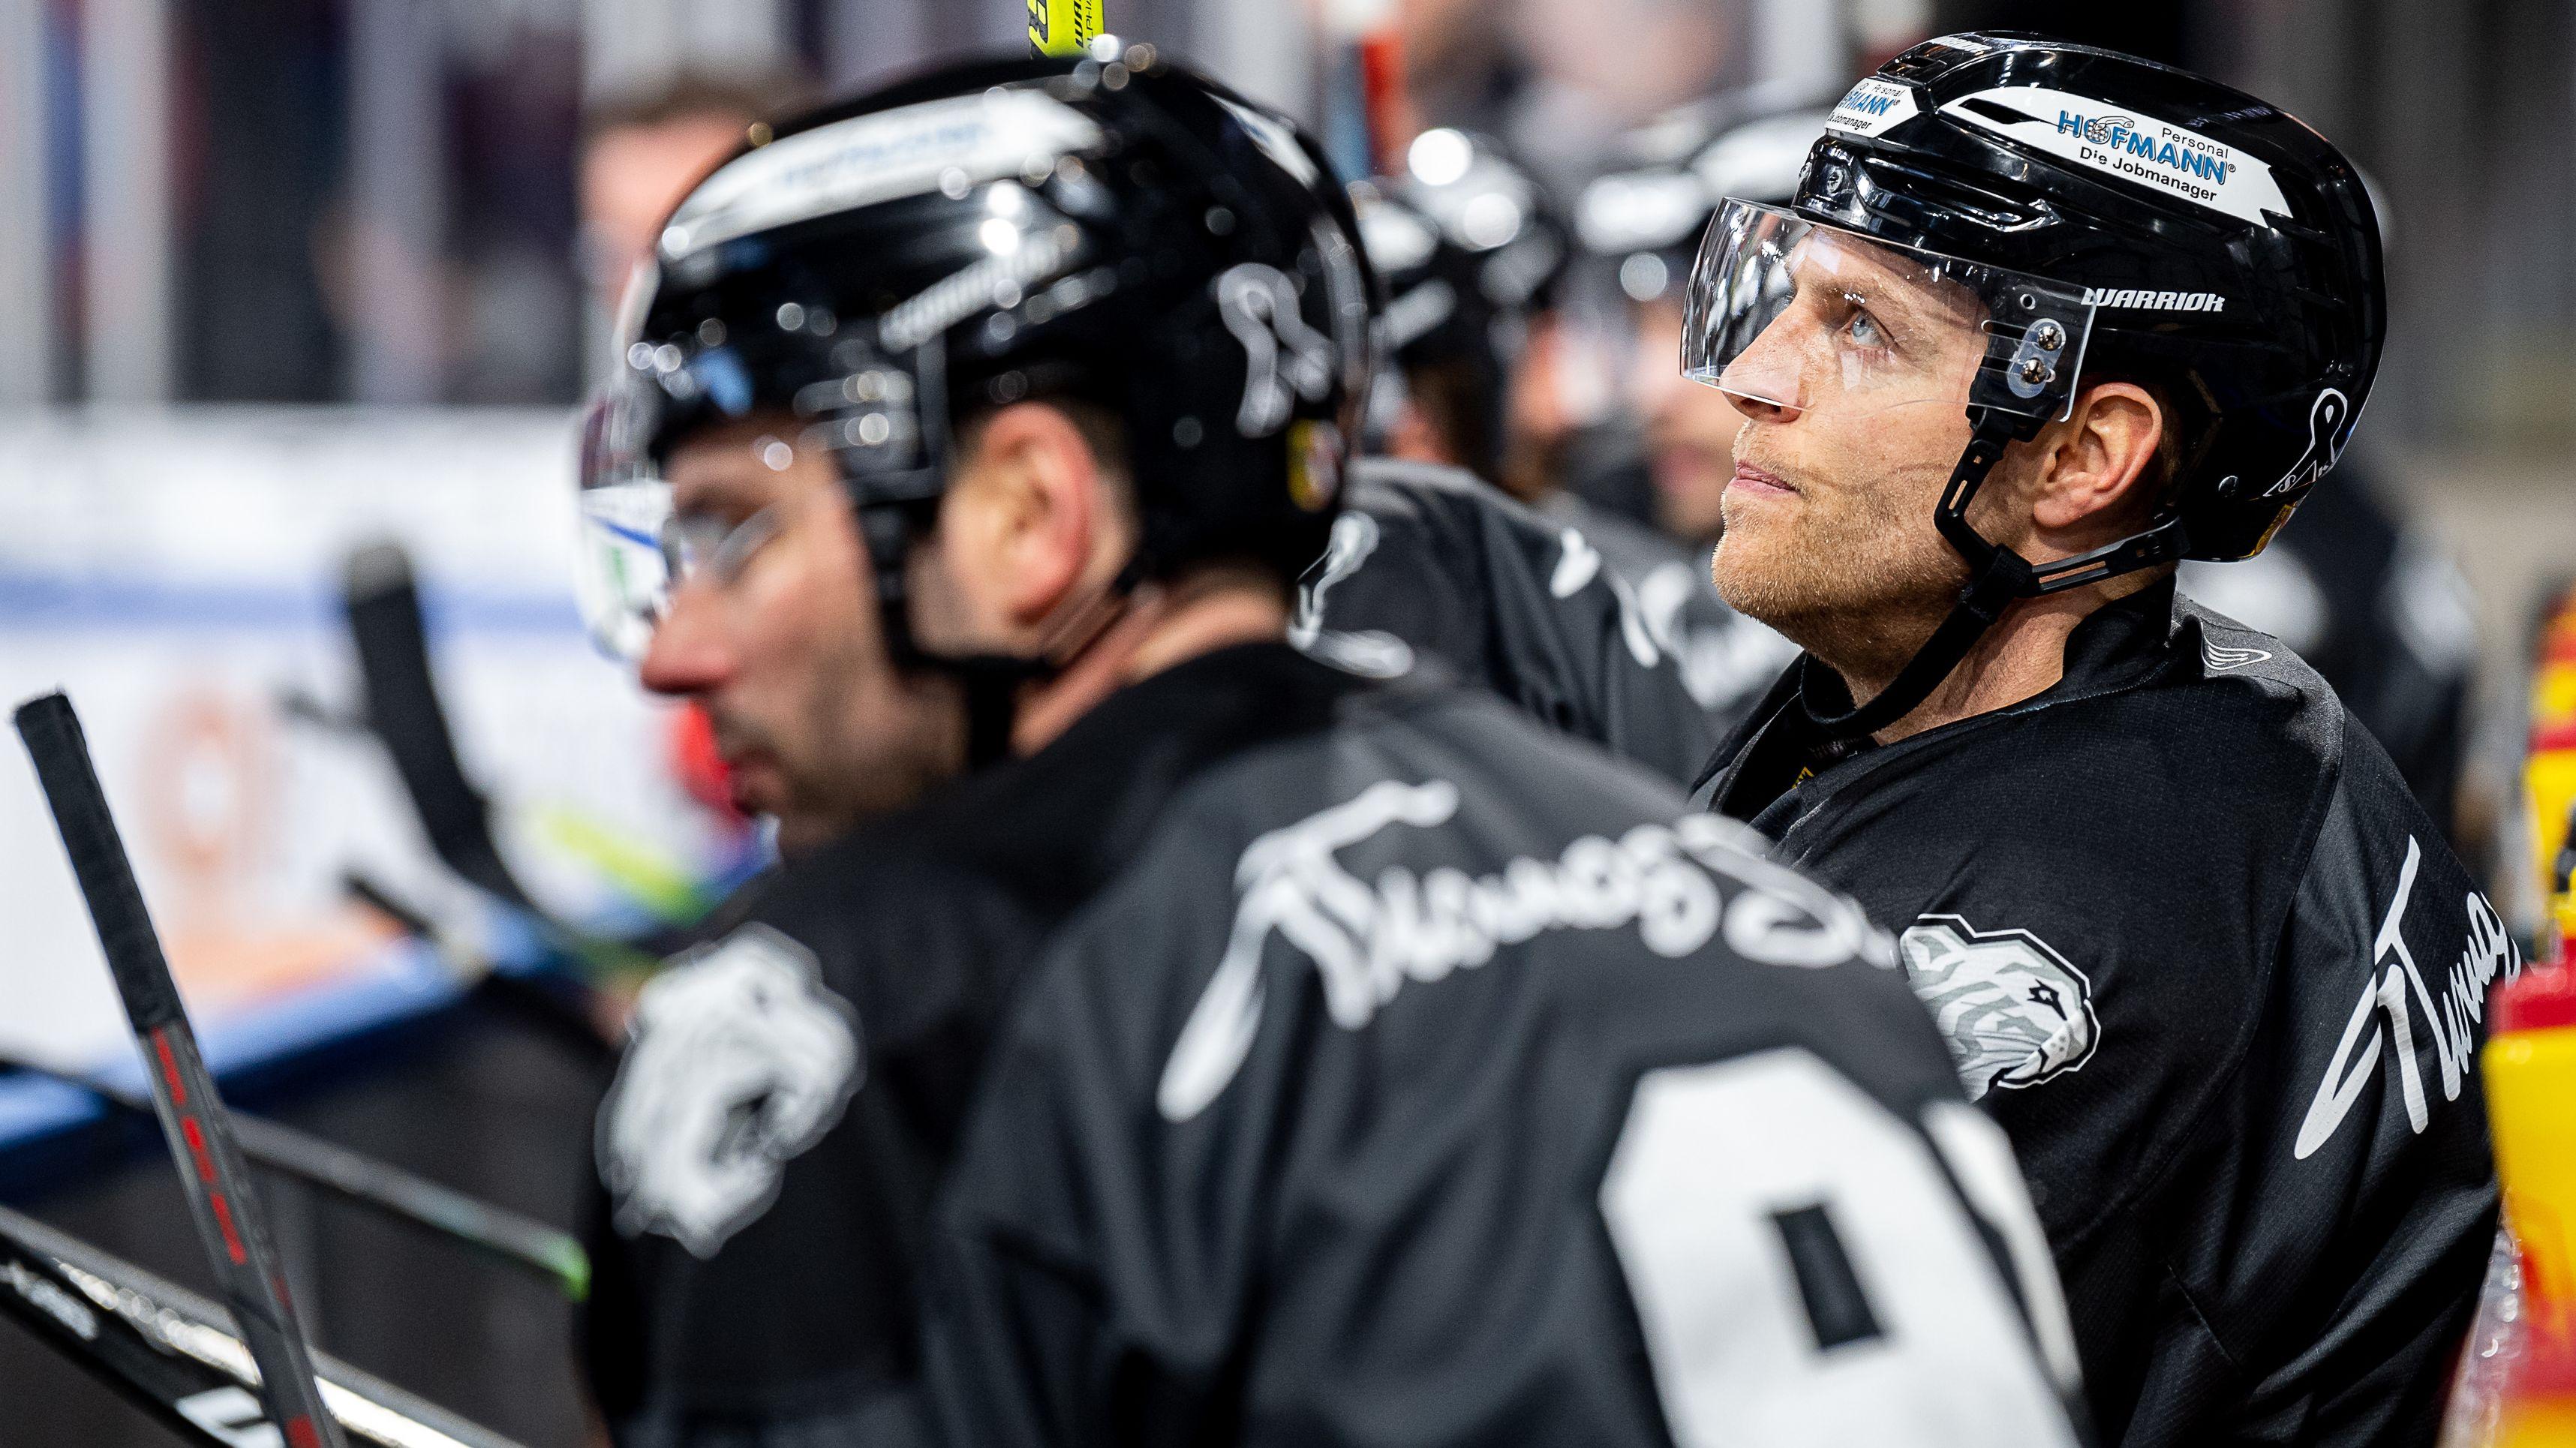 Chad Bassen von den Nürnberg Ice Tigers